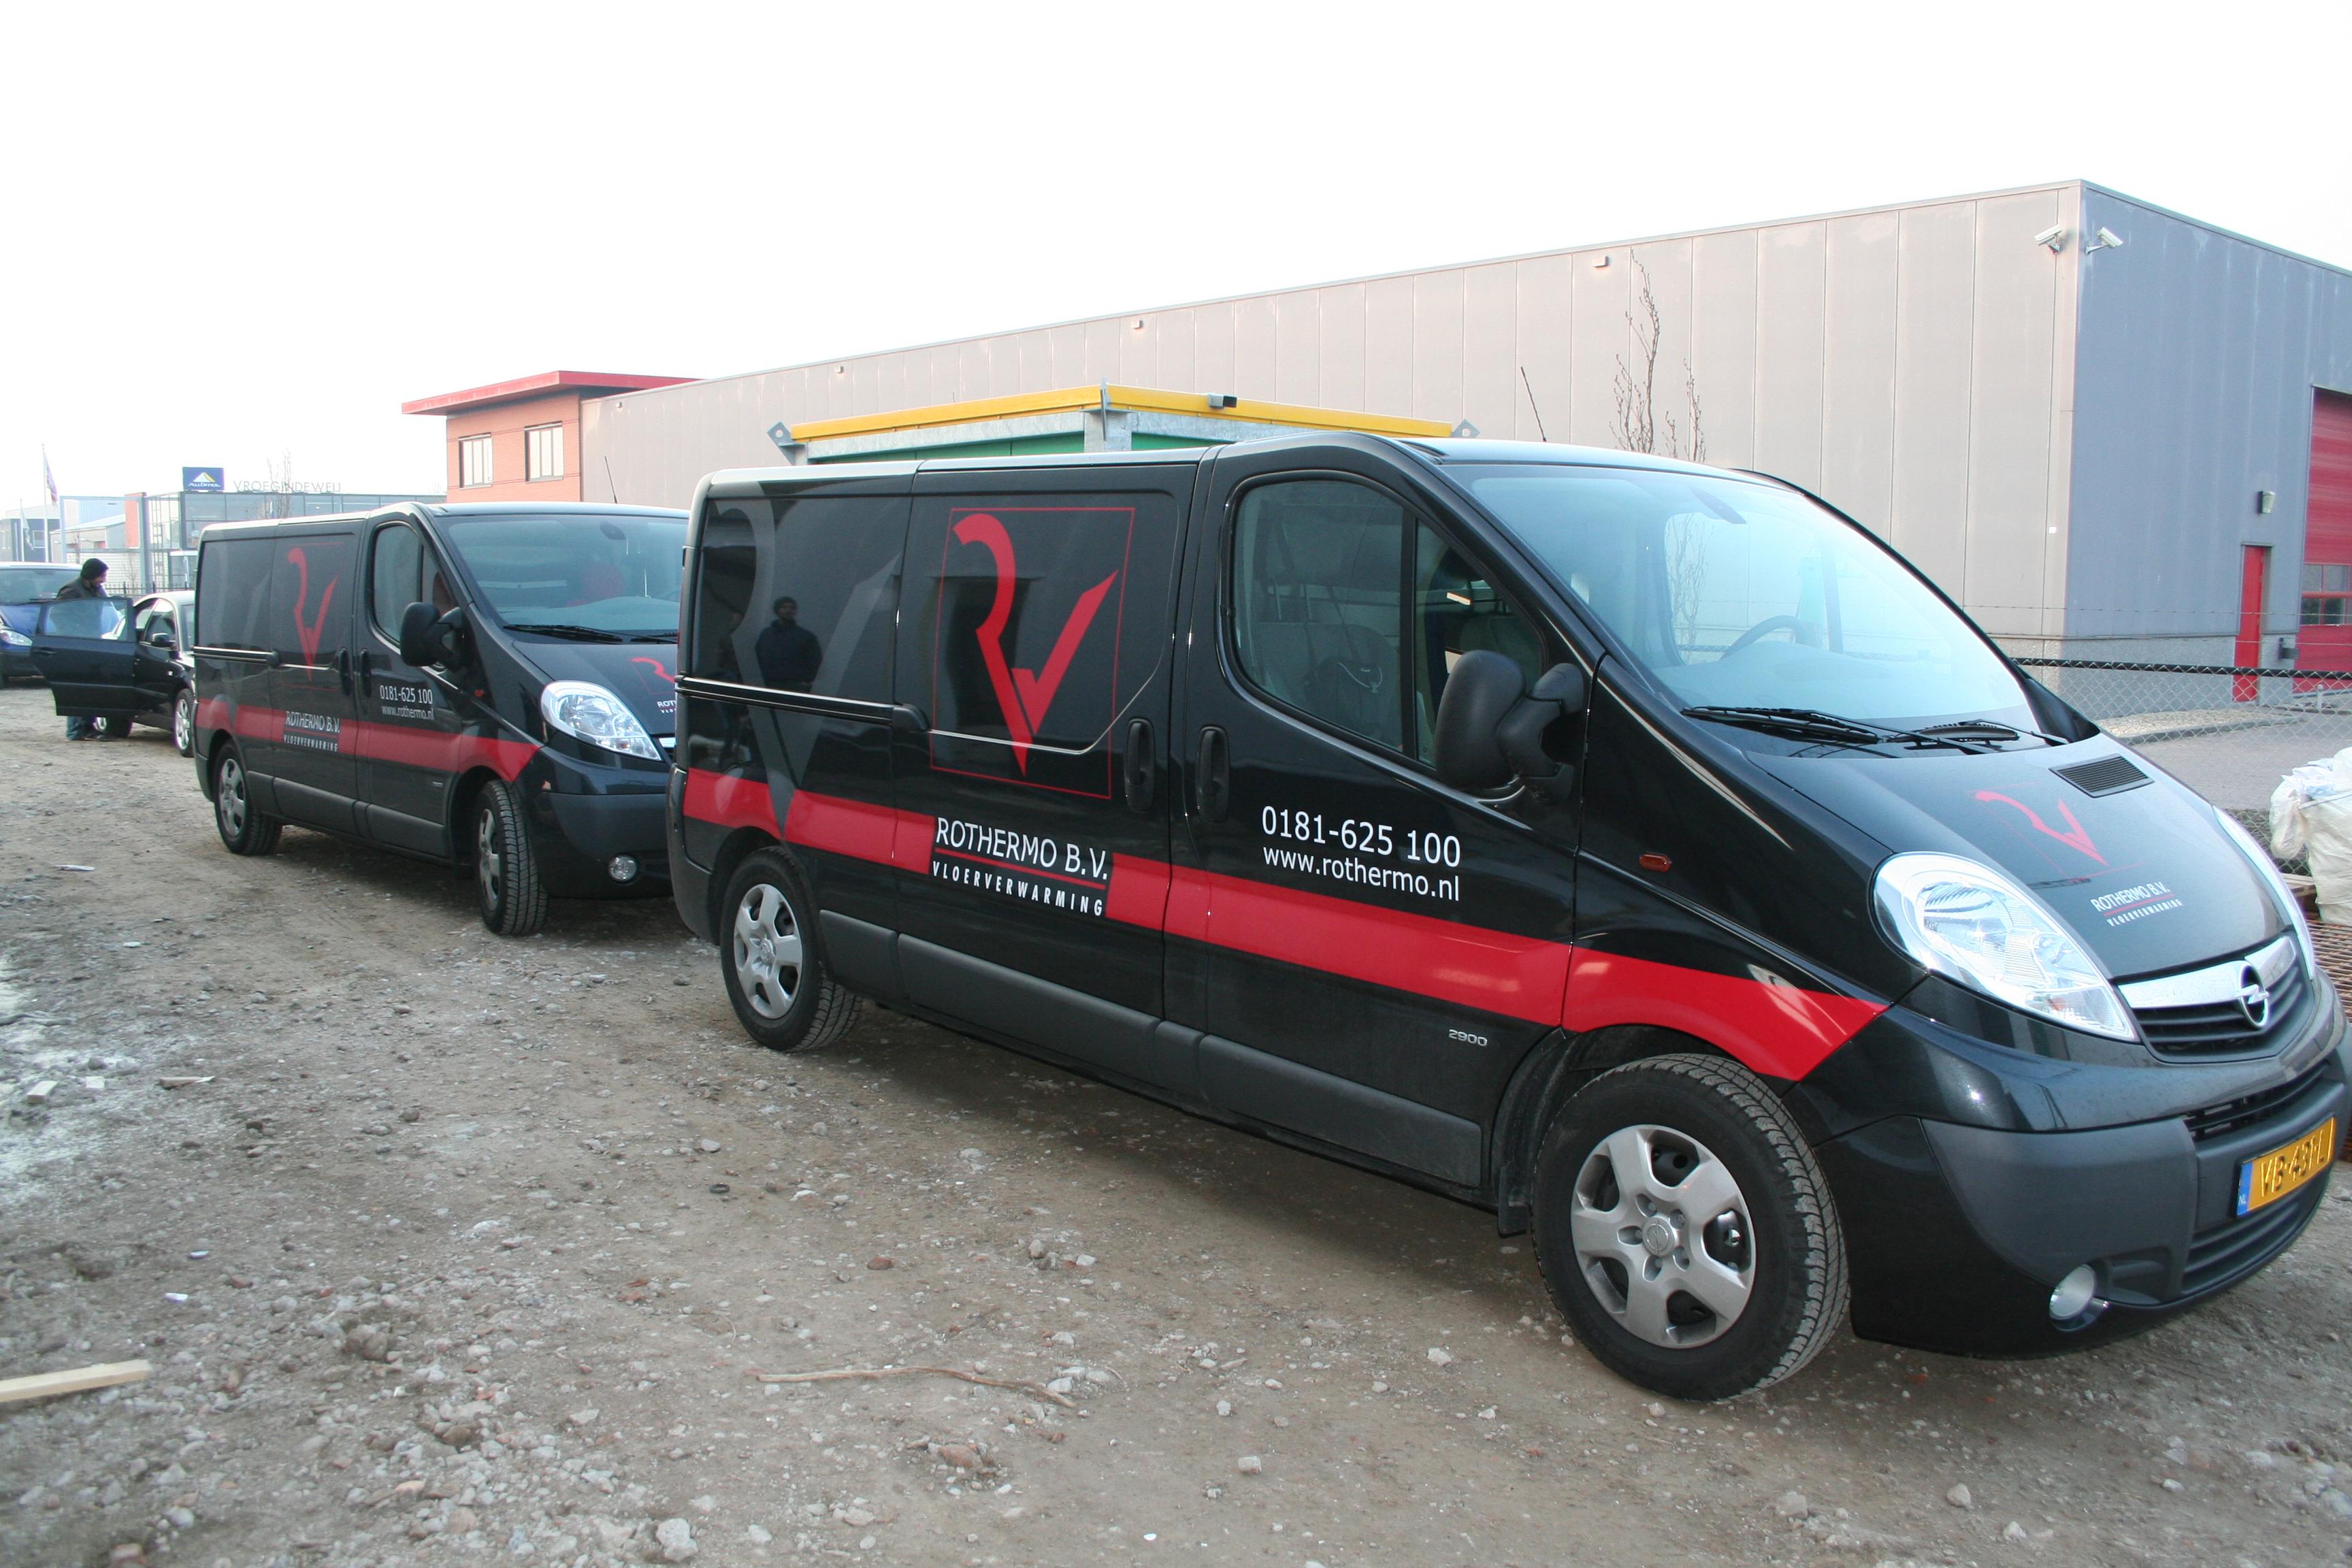 Bedrijfsbussen Rothermo Vloerverwarming Pictures